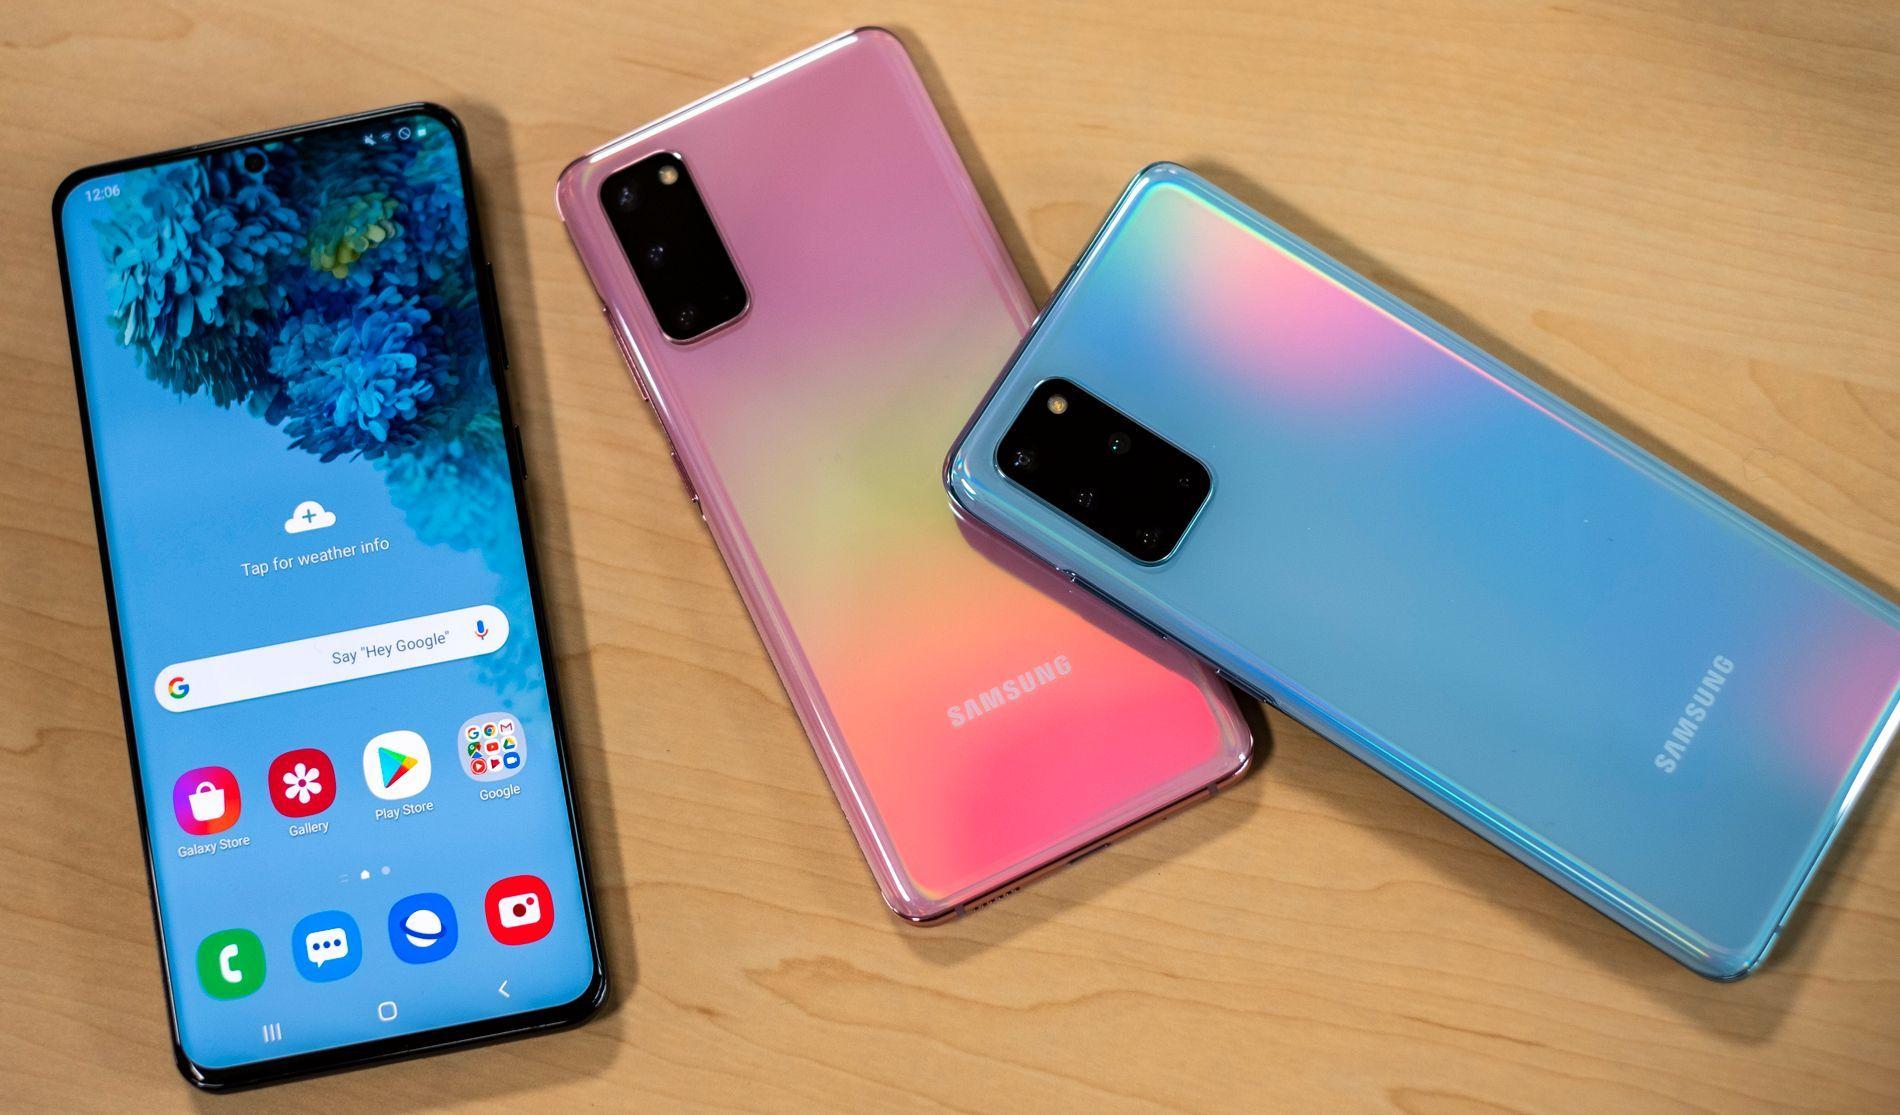 Galaxy S20 Ultra er den til venstre. Her lover Samsung 100 ganger kamerazoom, over 100 megapiksler, 5G og enormt batteri. Skjermen oppdaterer seg 120 ganger i sekundet, og den sjekker etter berøringer dobbelt så ofte. Den er altså et beist på funksjoner og teknologi. Men du får ikke kjøpt den med 512 gigabyte lagringsplass - Samsung har rett og slett ikke tilgang på mange nok av den.